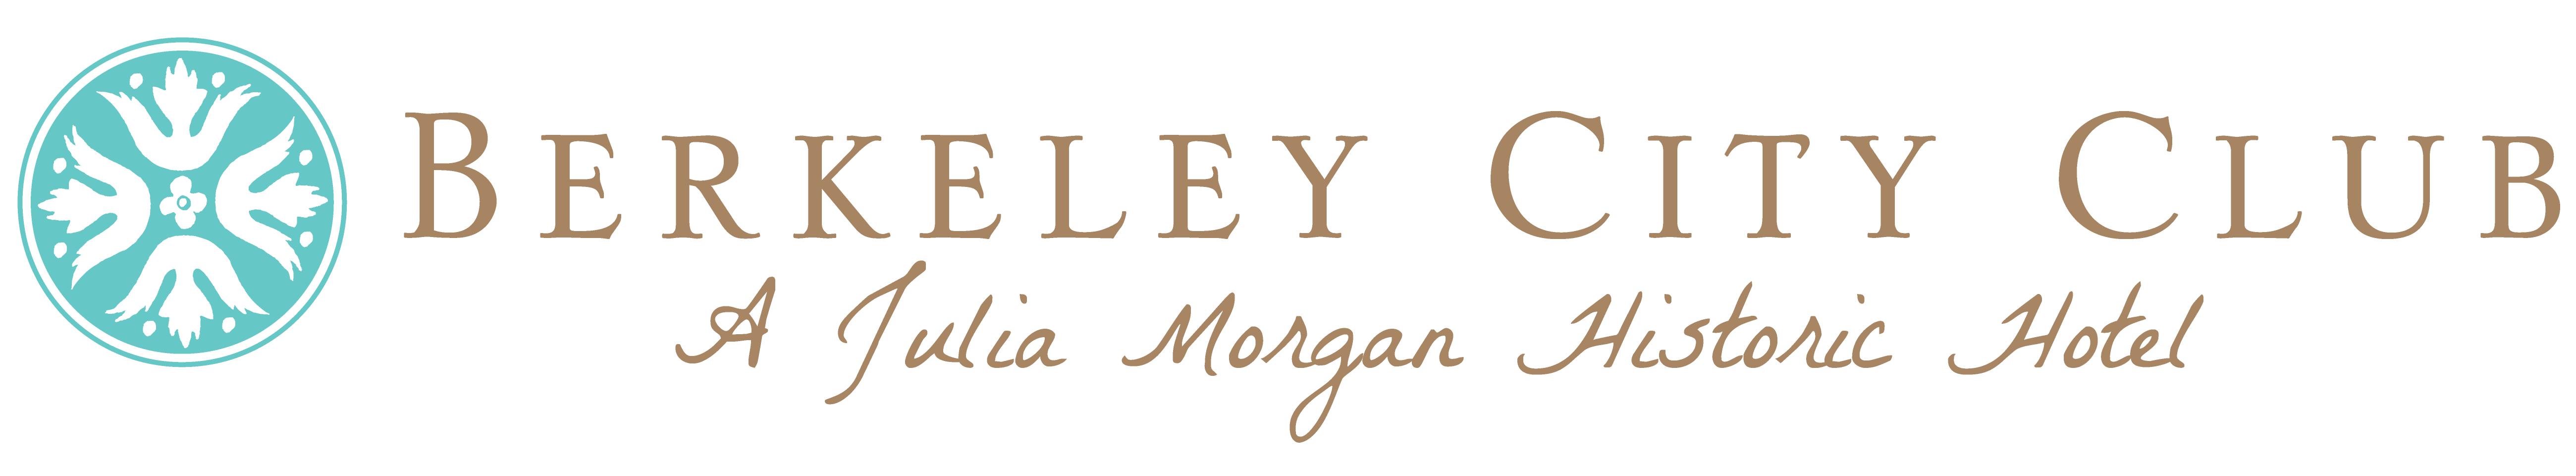 Logo for Berkeley City Club